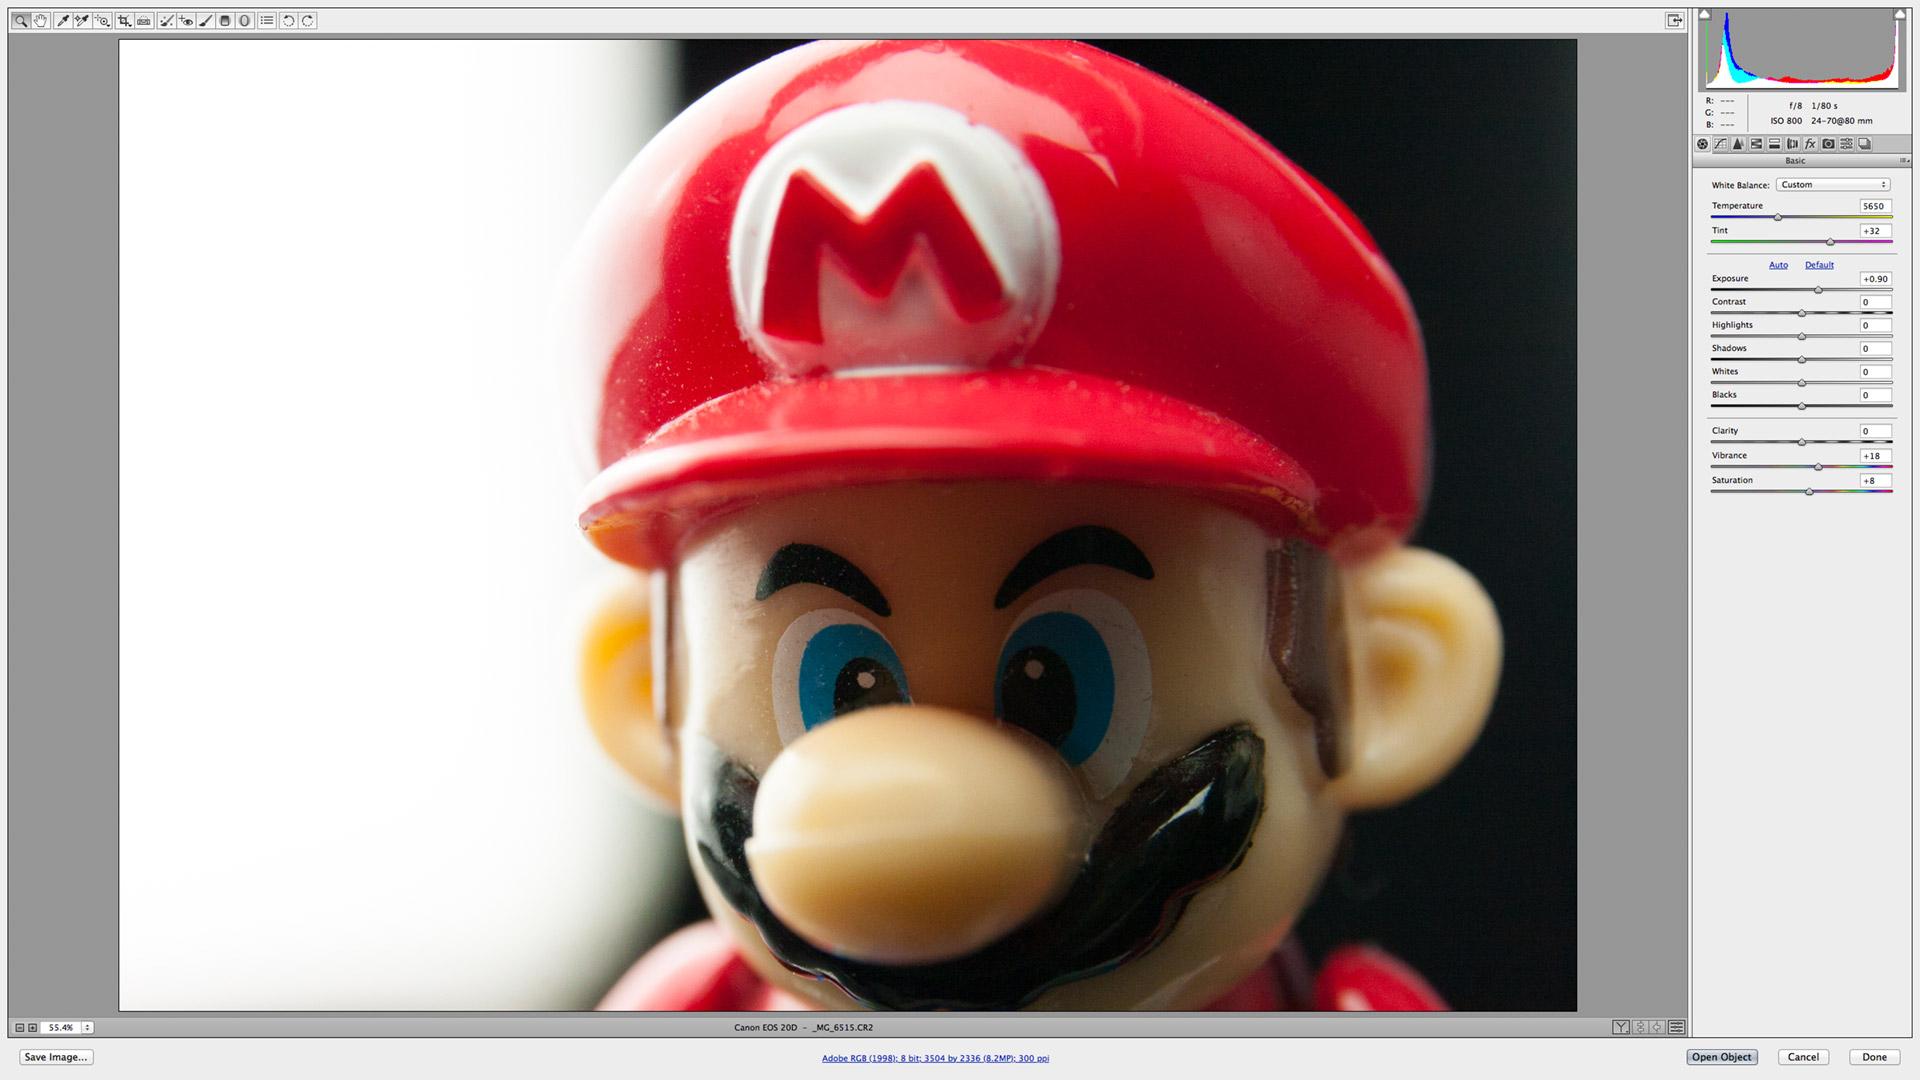 E o resultado fotográfico: EXIF mostra @80mm e dá pra ver as dificuldades de iluminação.